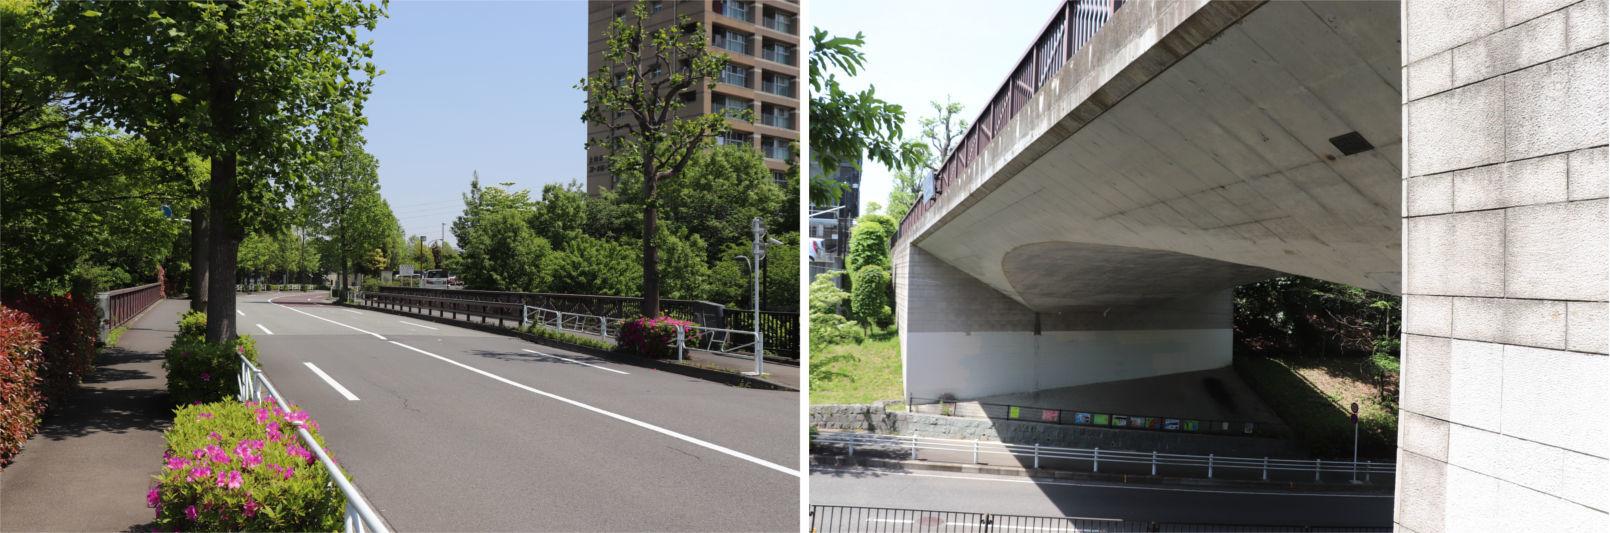 [多摩NTの橋ぜんぶ撮影PJ] No.36~40 上柚木公園周辺の橋_a0332275_02035172.jpg